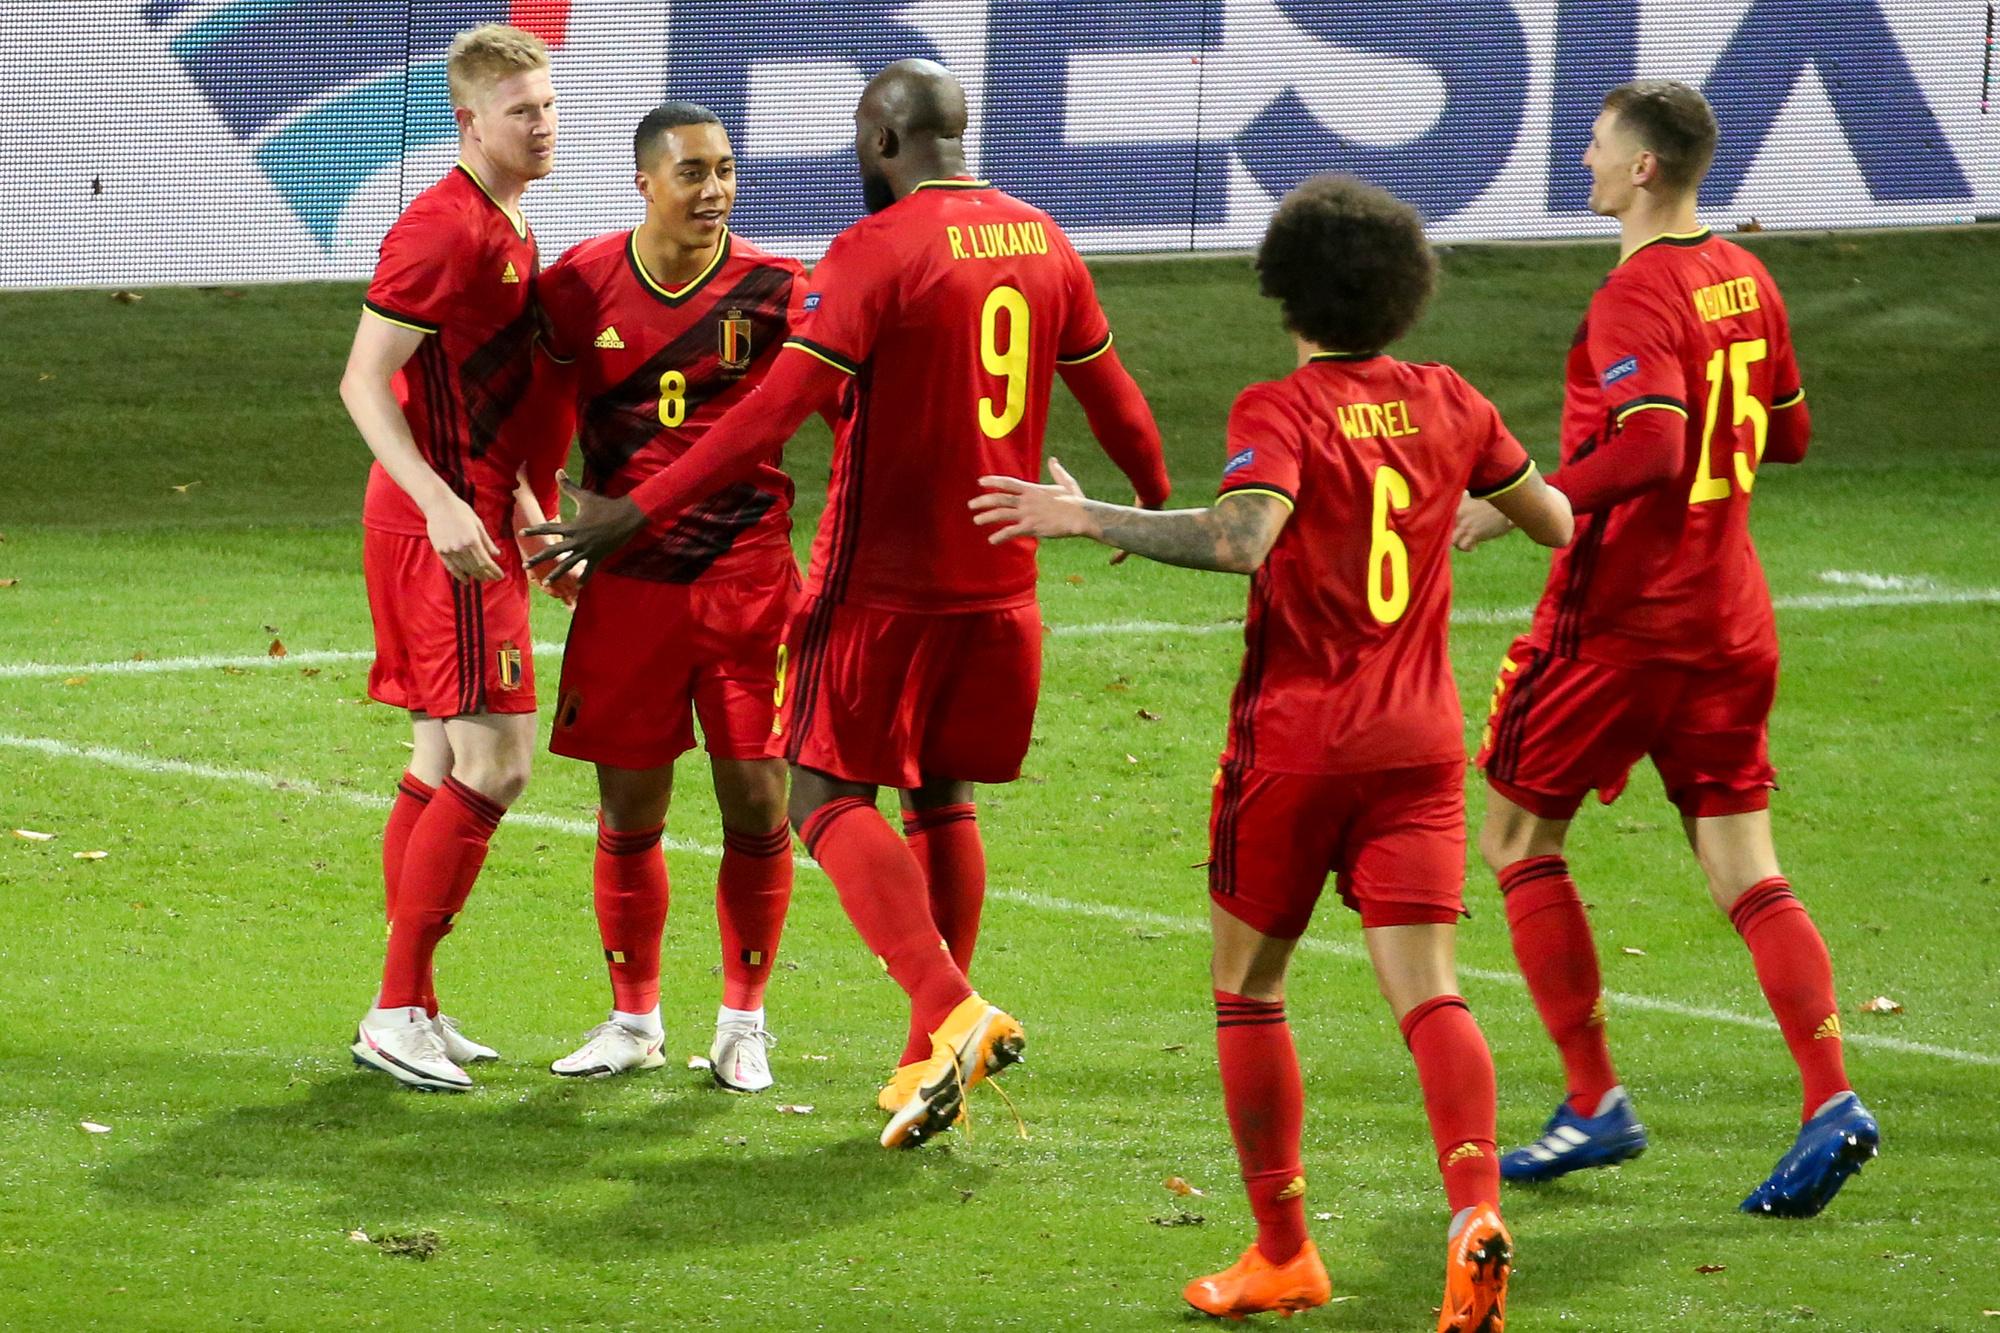 Dé hamvraag: raken de Belgische toppers op tijd fit?, Belga Image